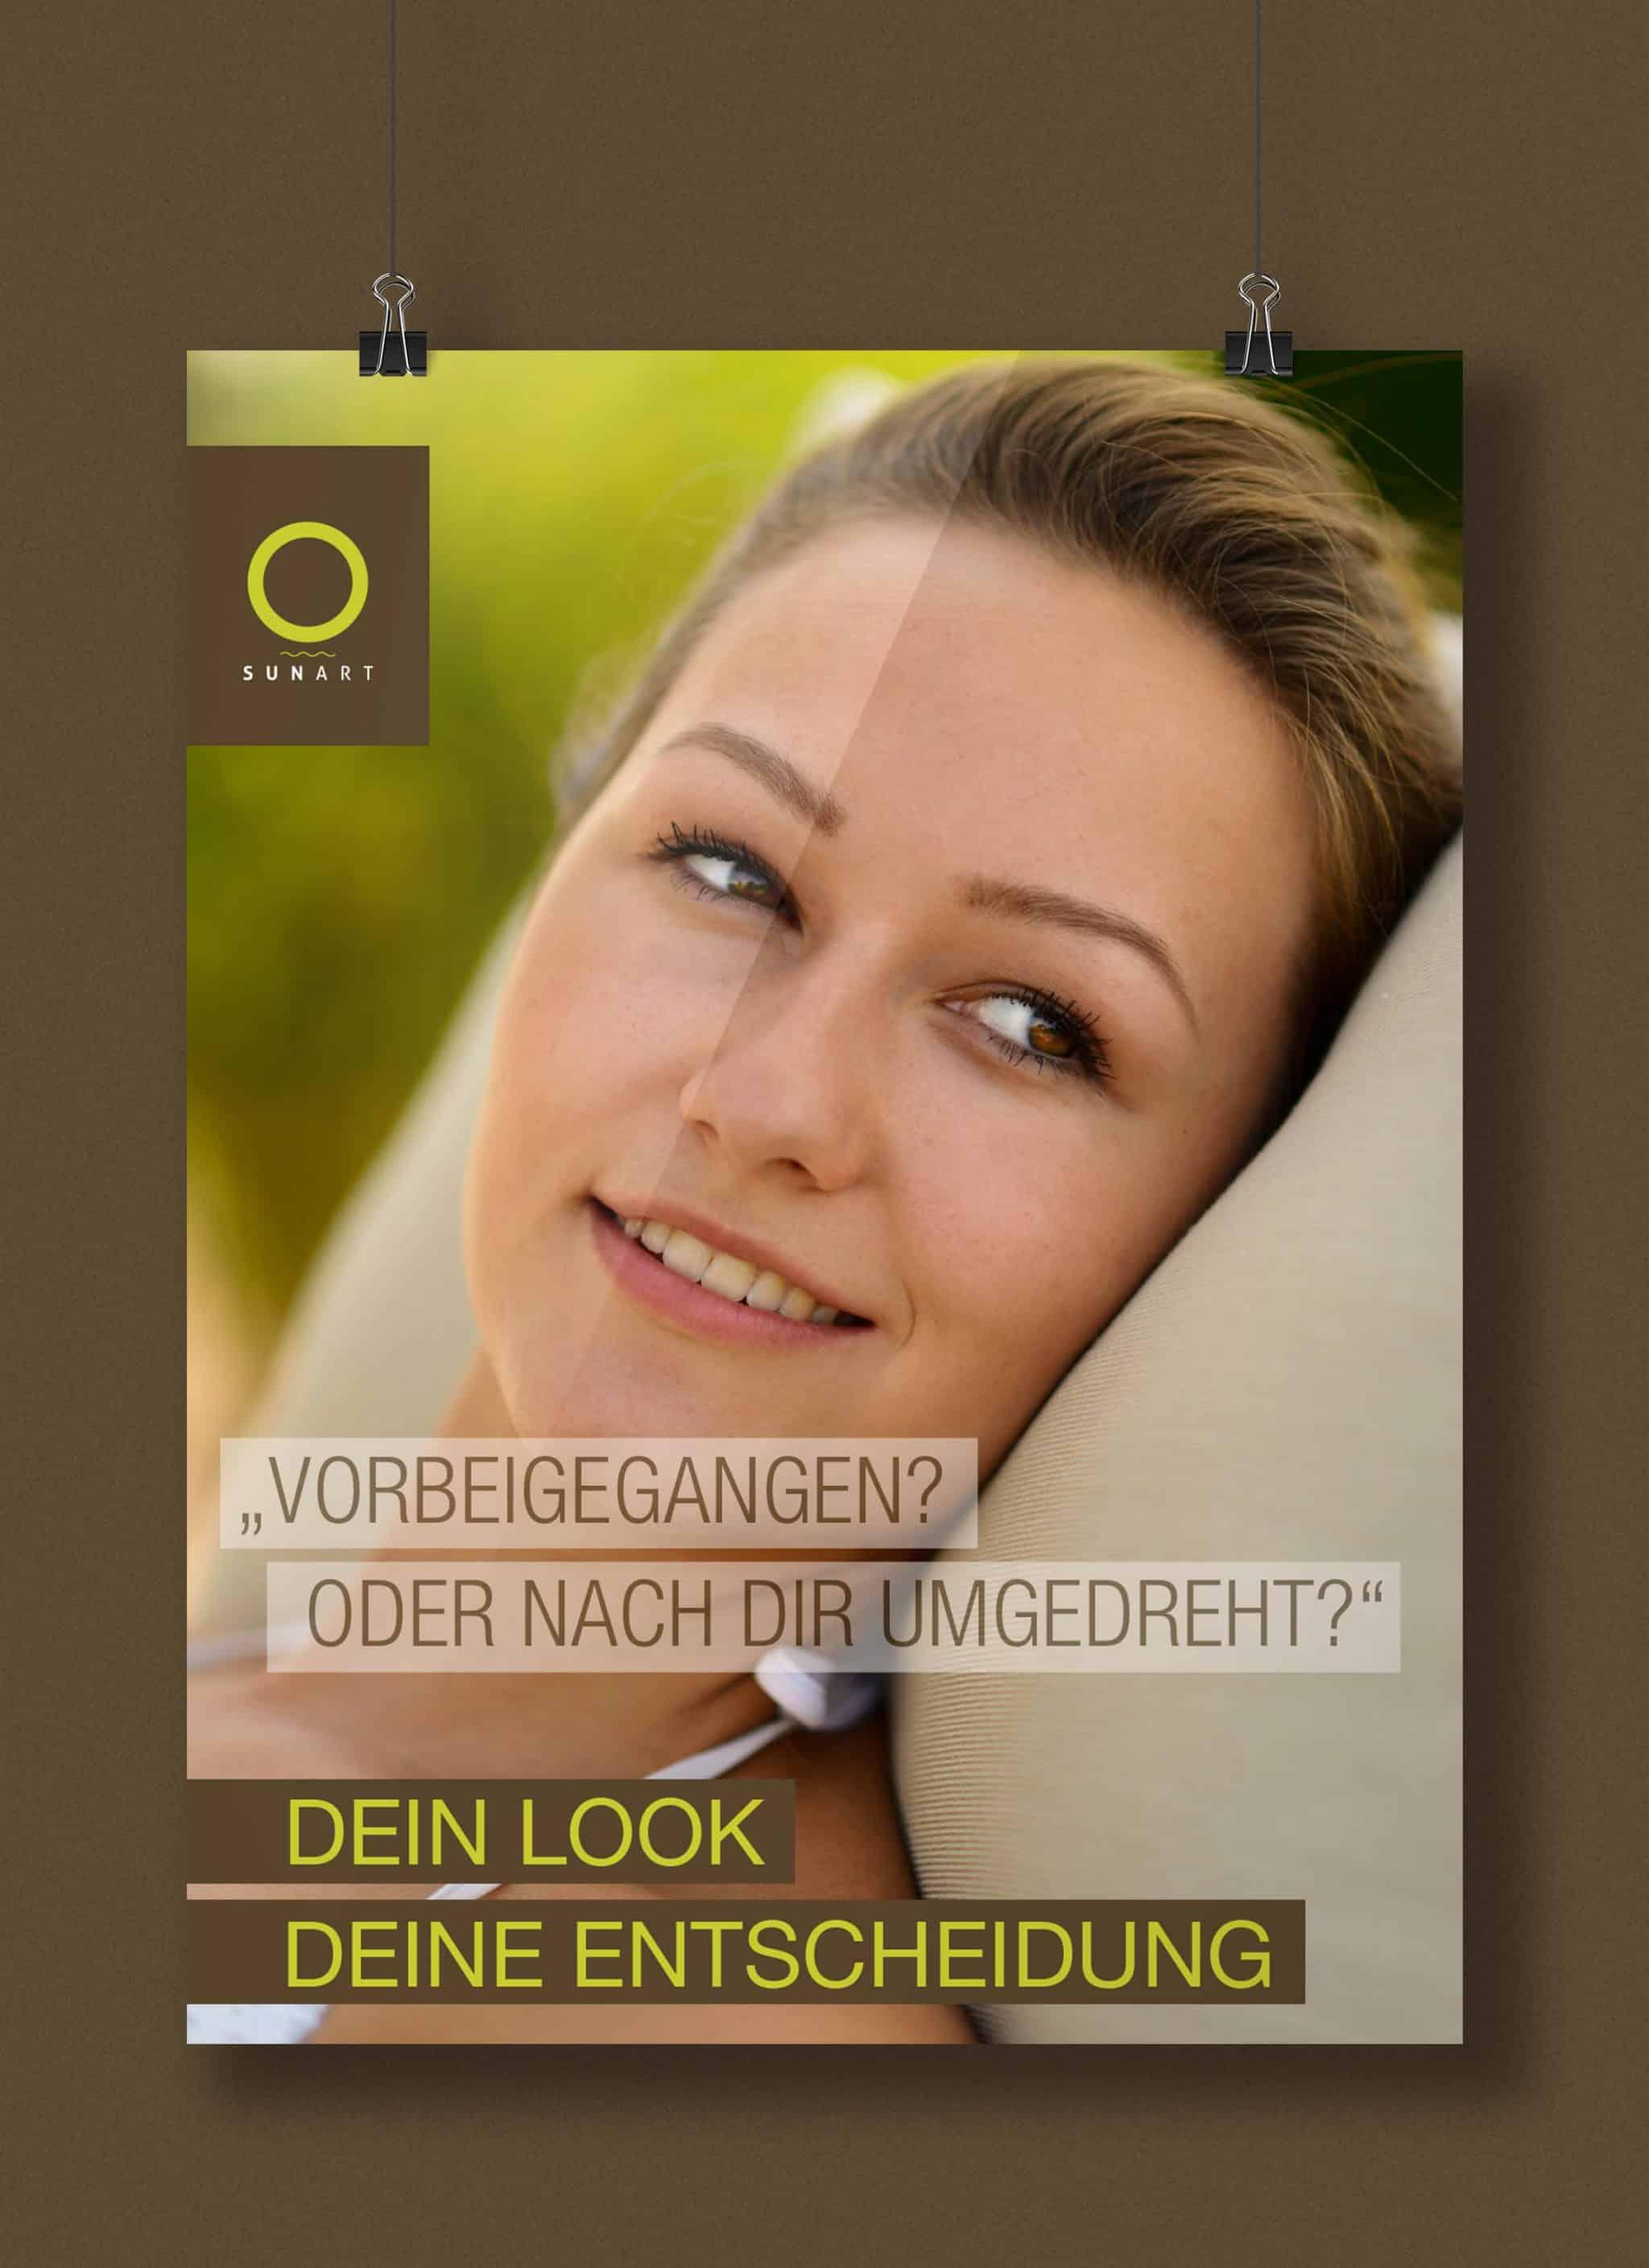 poster_Sunart Würzburg_03 Design